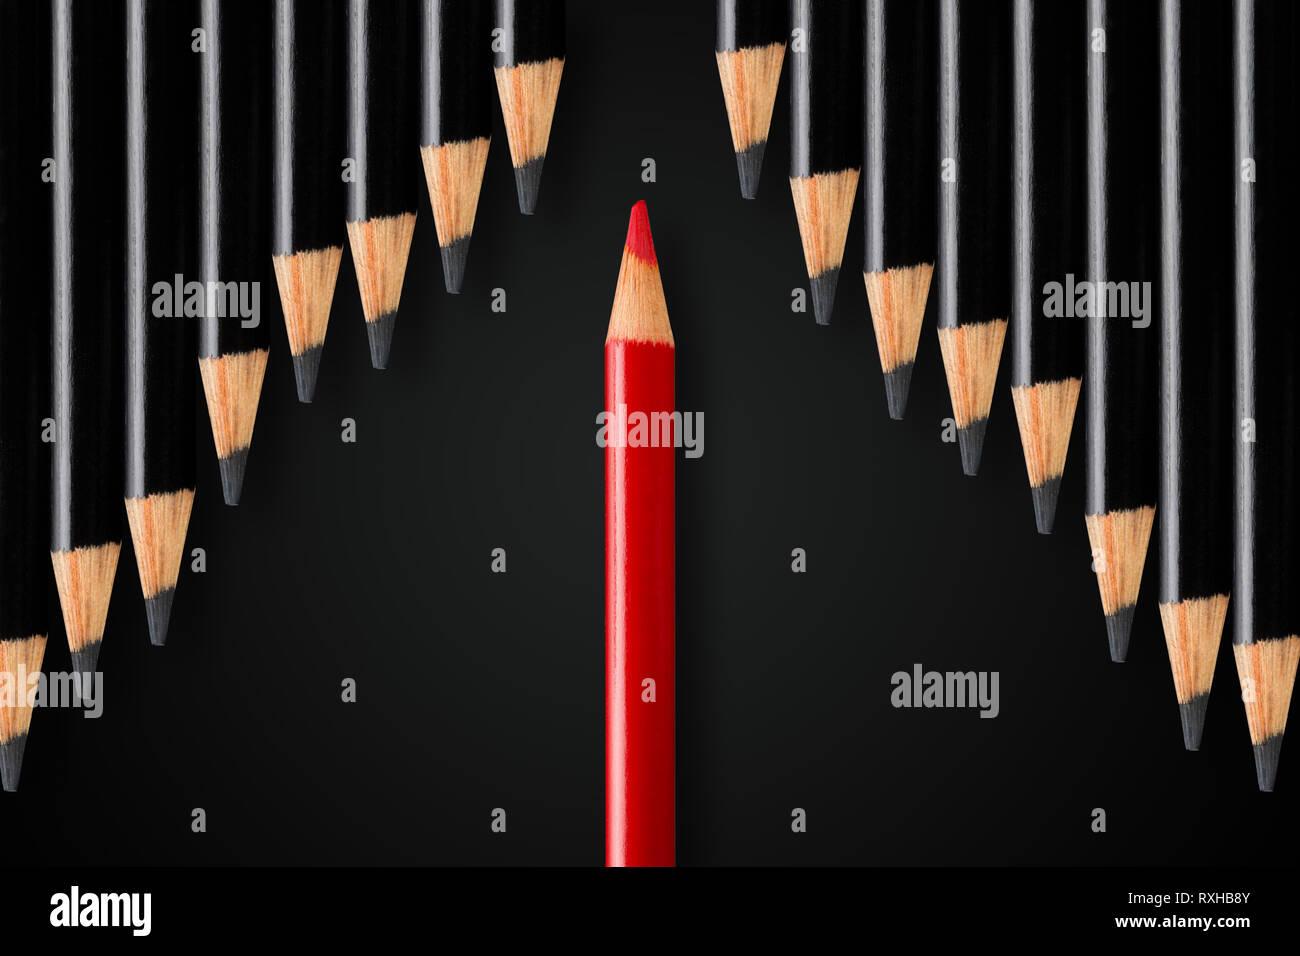 Concept d'affaires de perturbation, de leadership ou de penser différemment; crayon rouge ligne de démarcation des crayons noirs dans le sens opposé; concept minimal Banque D'Images